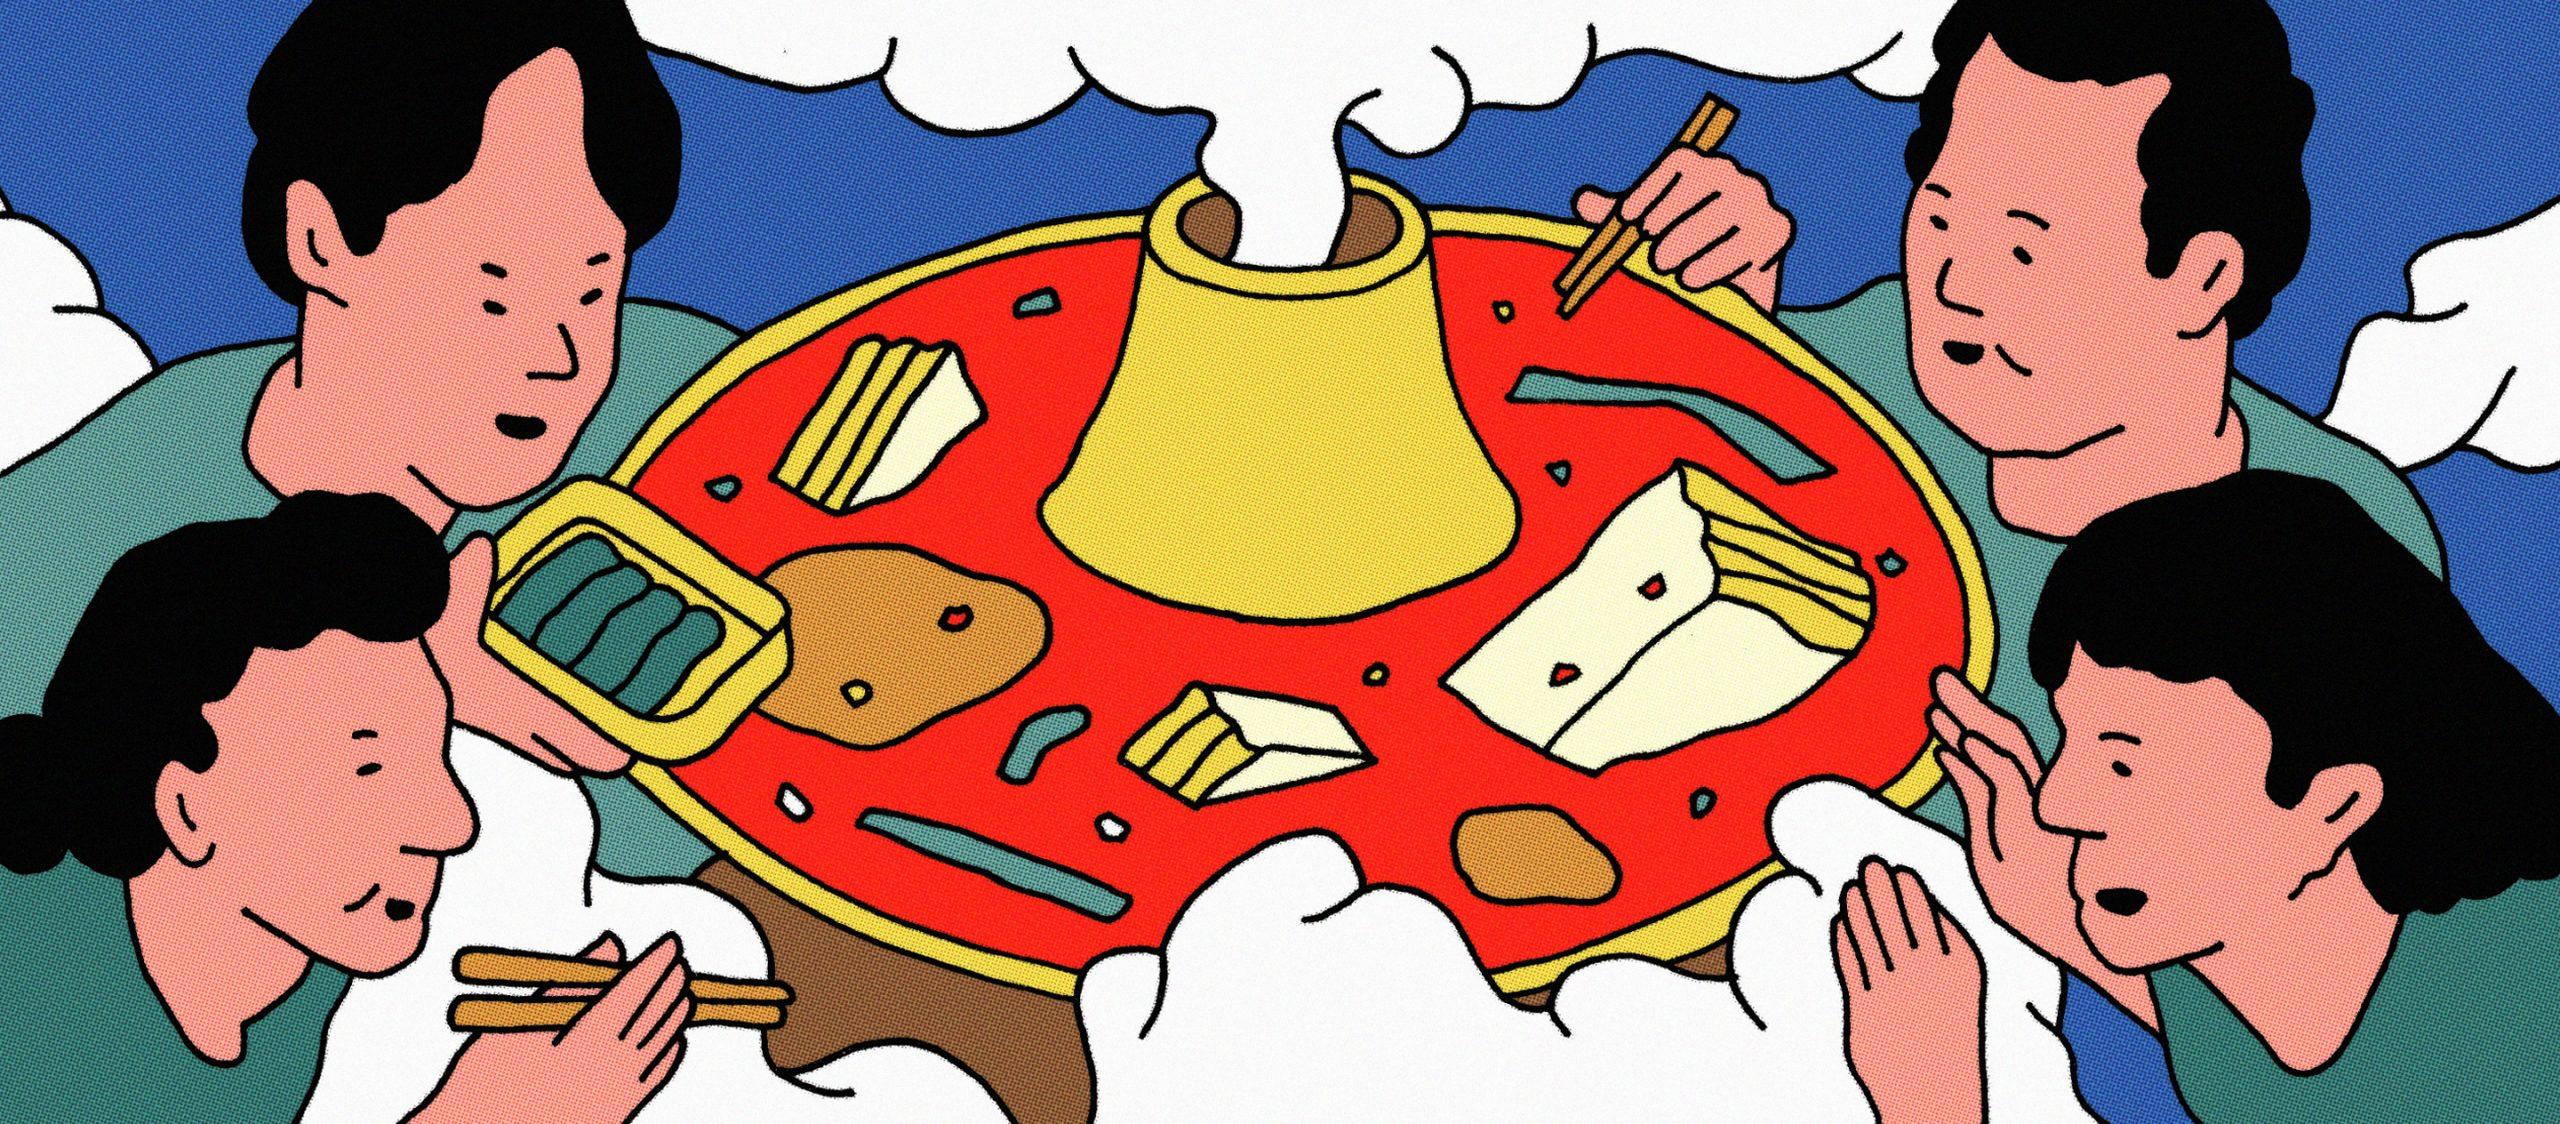 หม้อไฟหมาล่าที่ไหนอร่อย? วัฒนธรรมการกินหม้อไฟในไต้หวัน